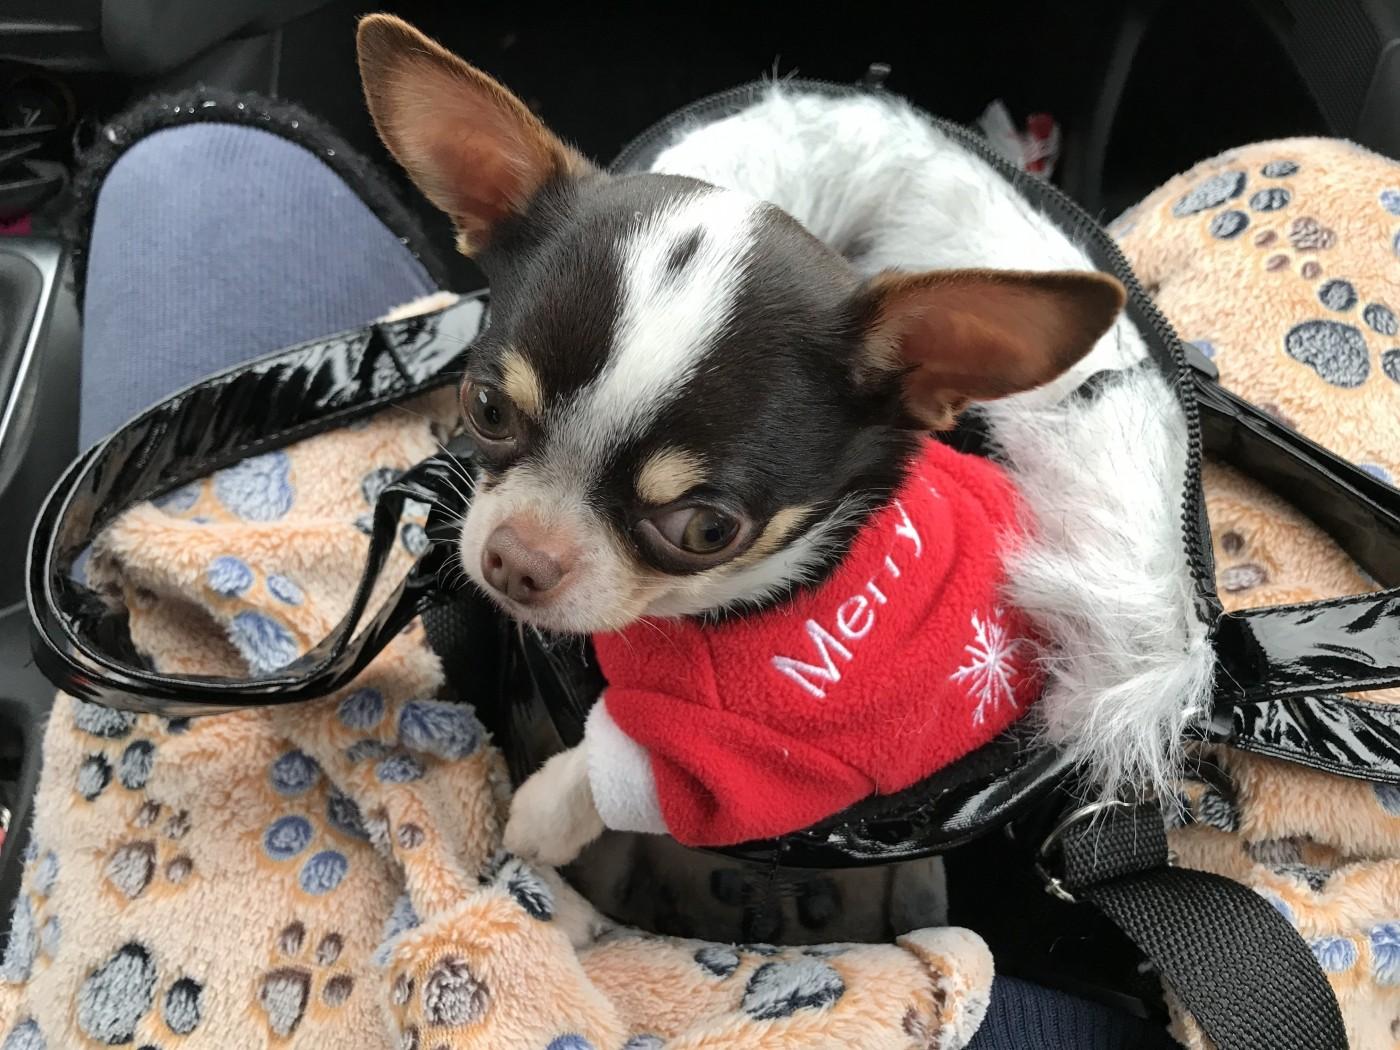 livraison gratuite large choix de couleurs et de dessins mode de premier ordre Sac de transport pour chien - LOLA